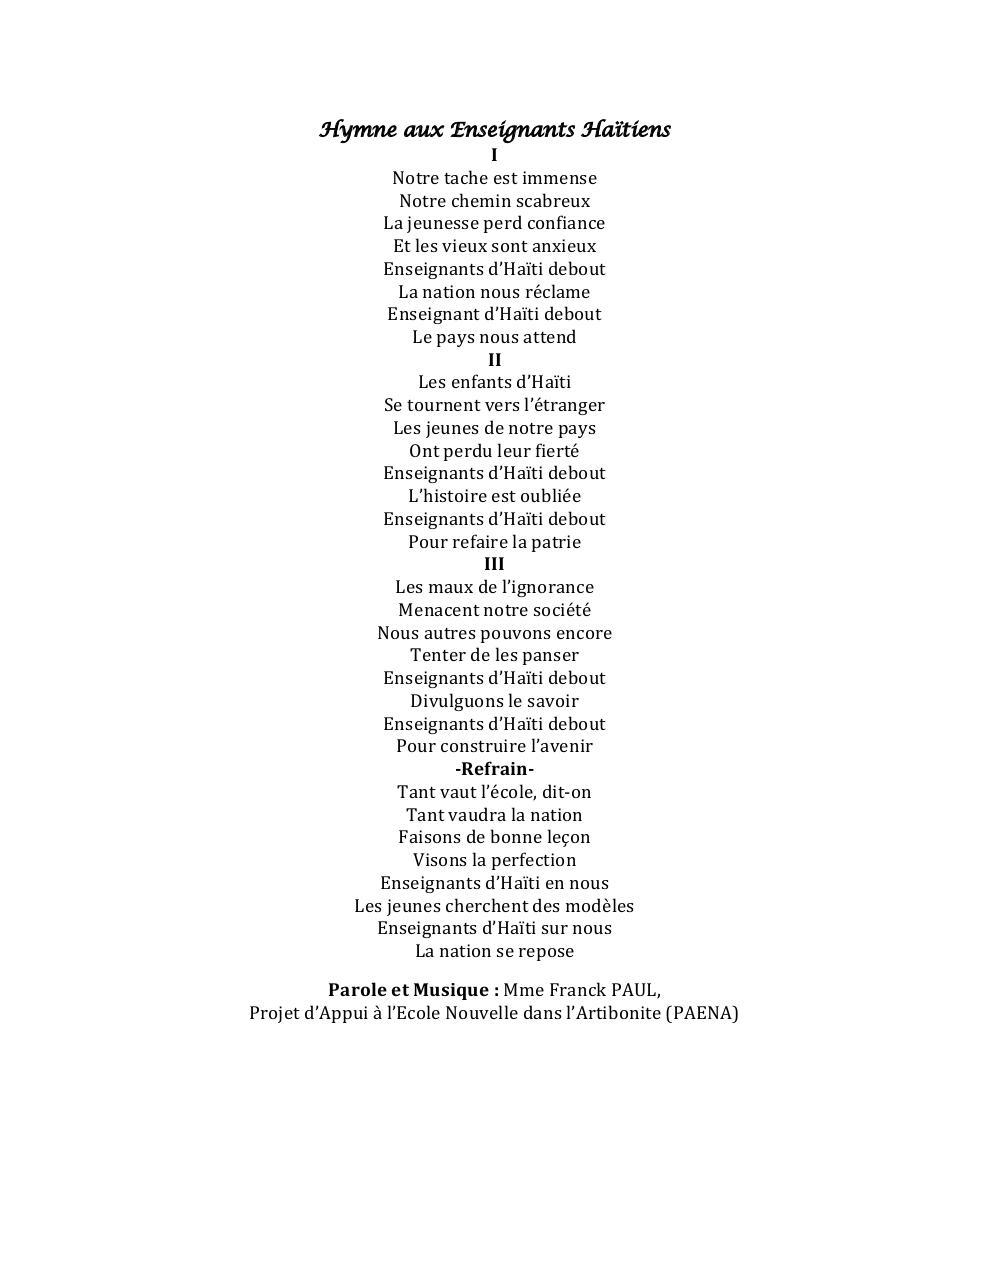 hymne national du mali pdf